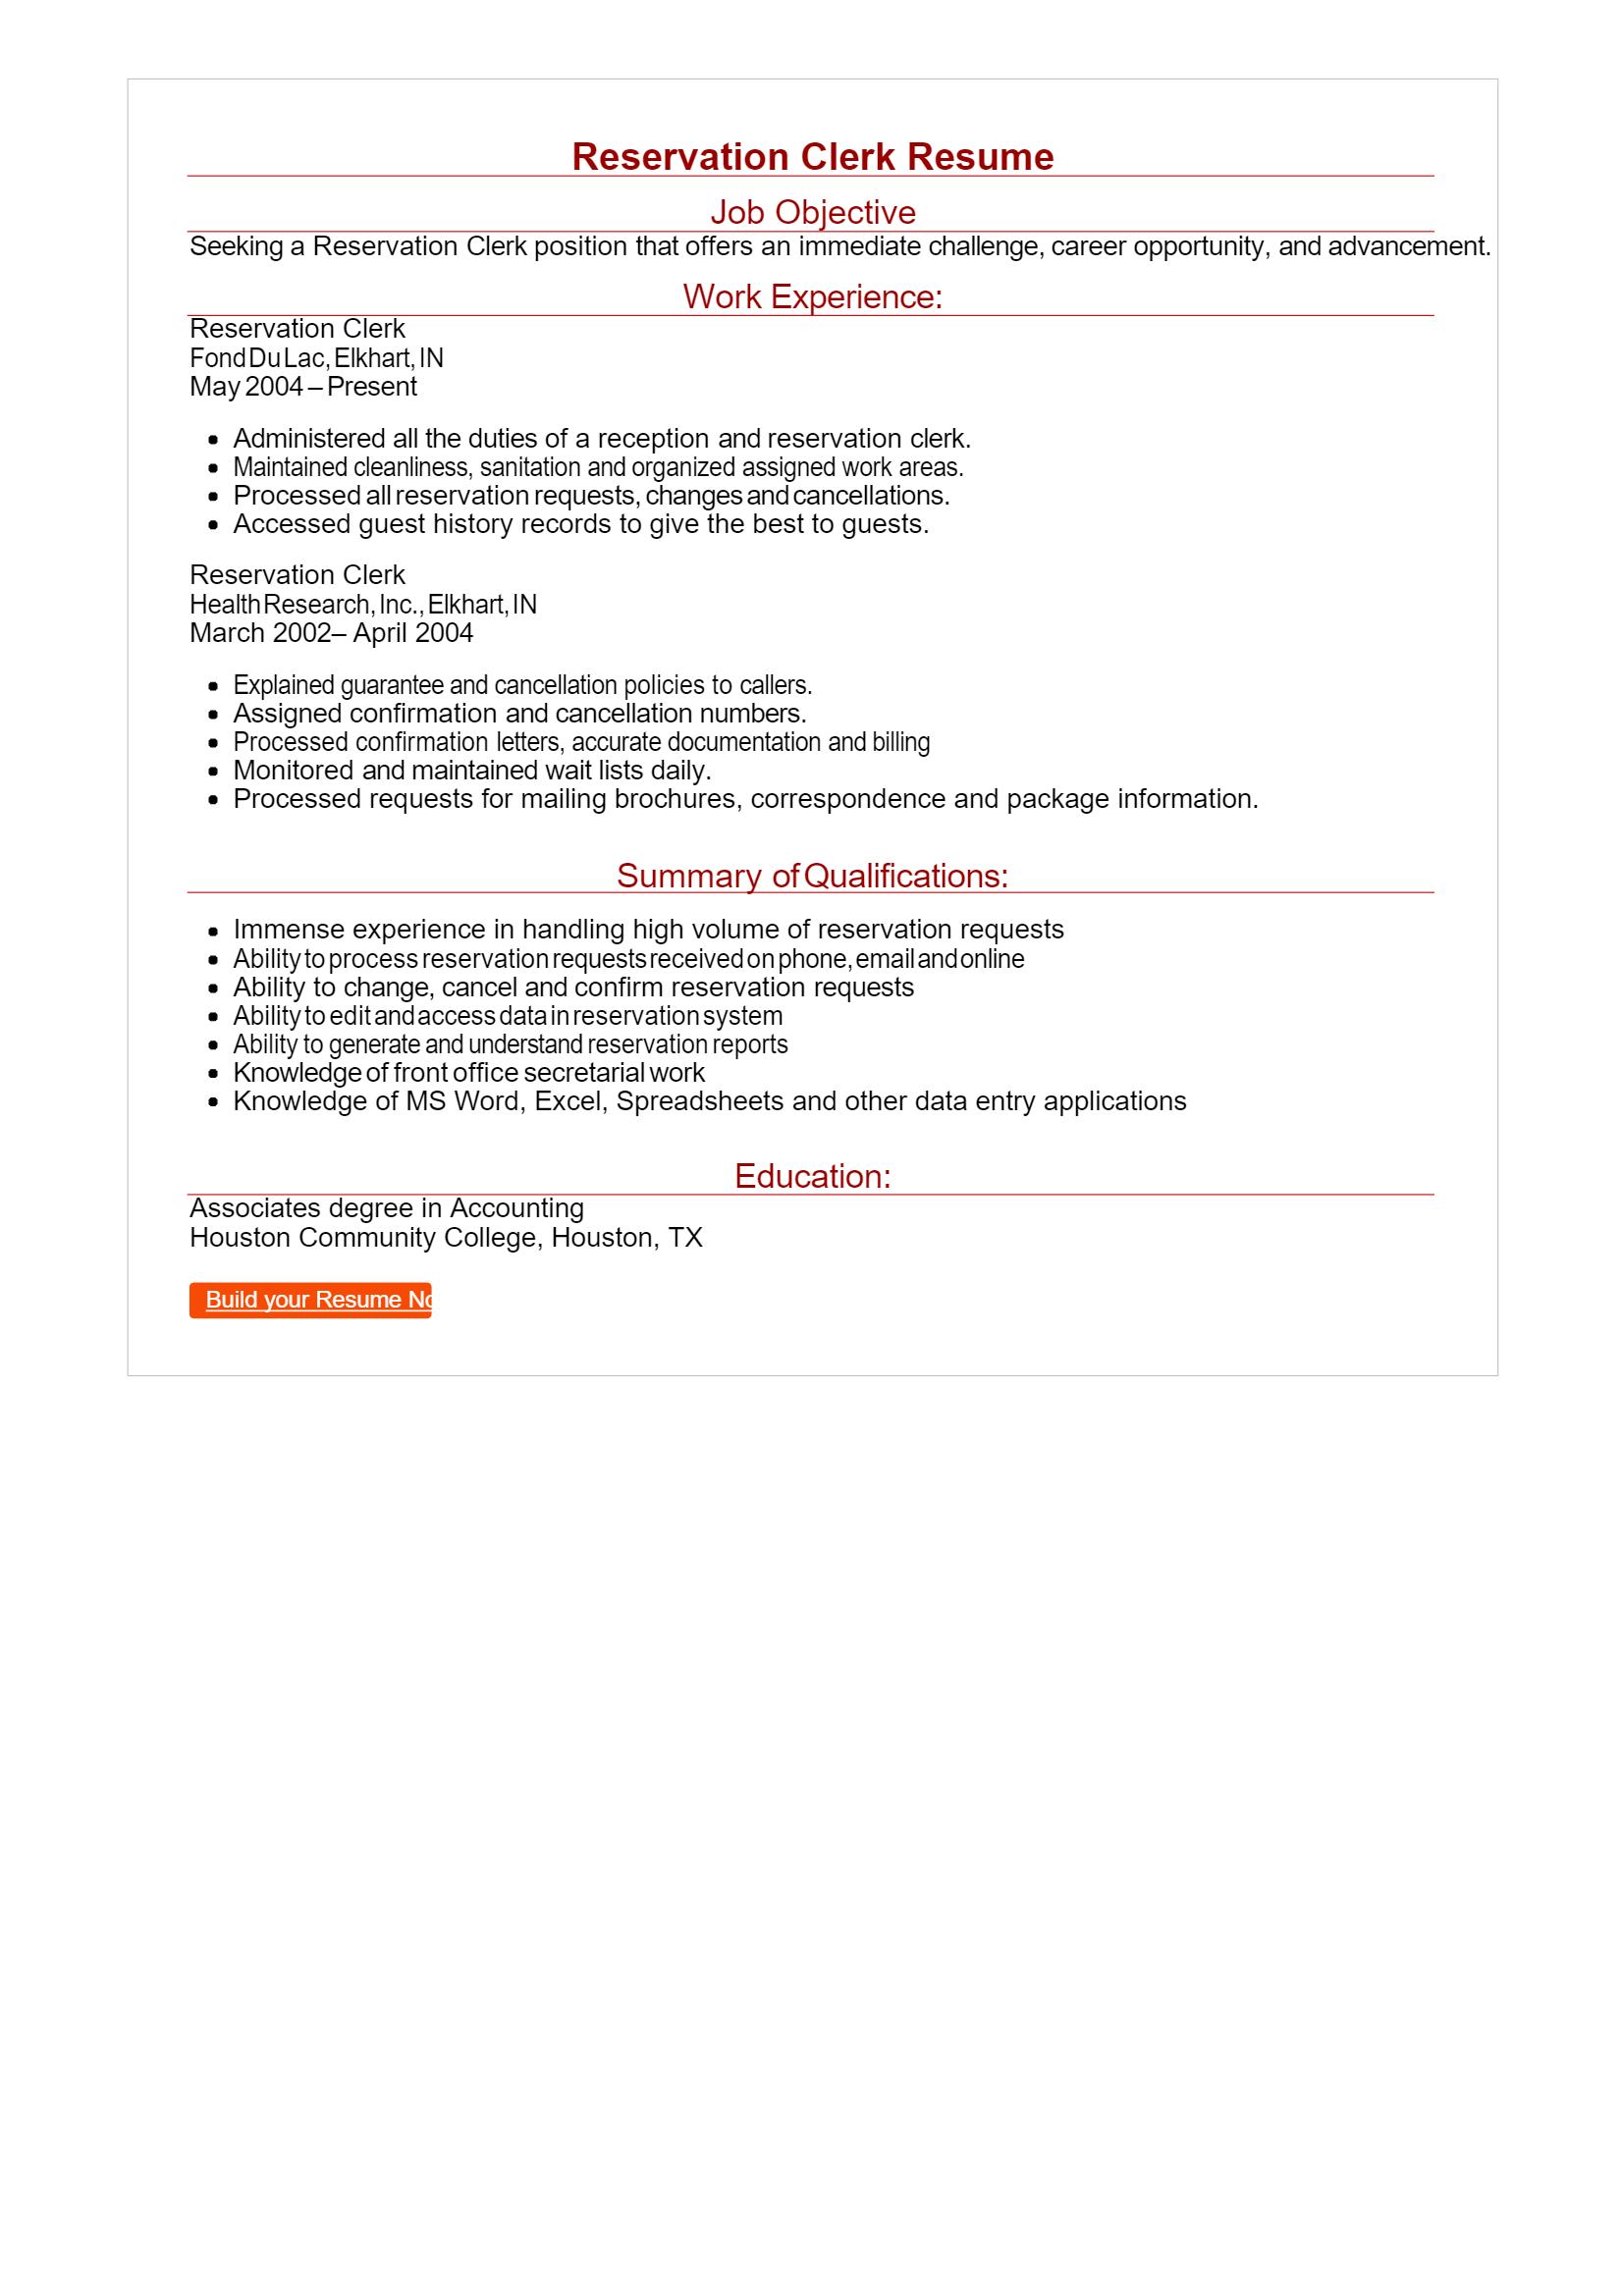 Reservation Clerk Resume